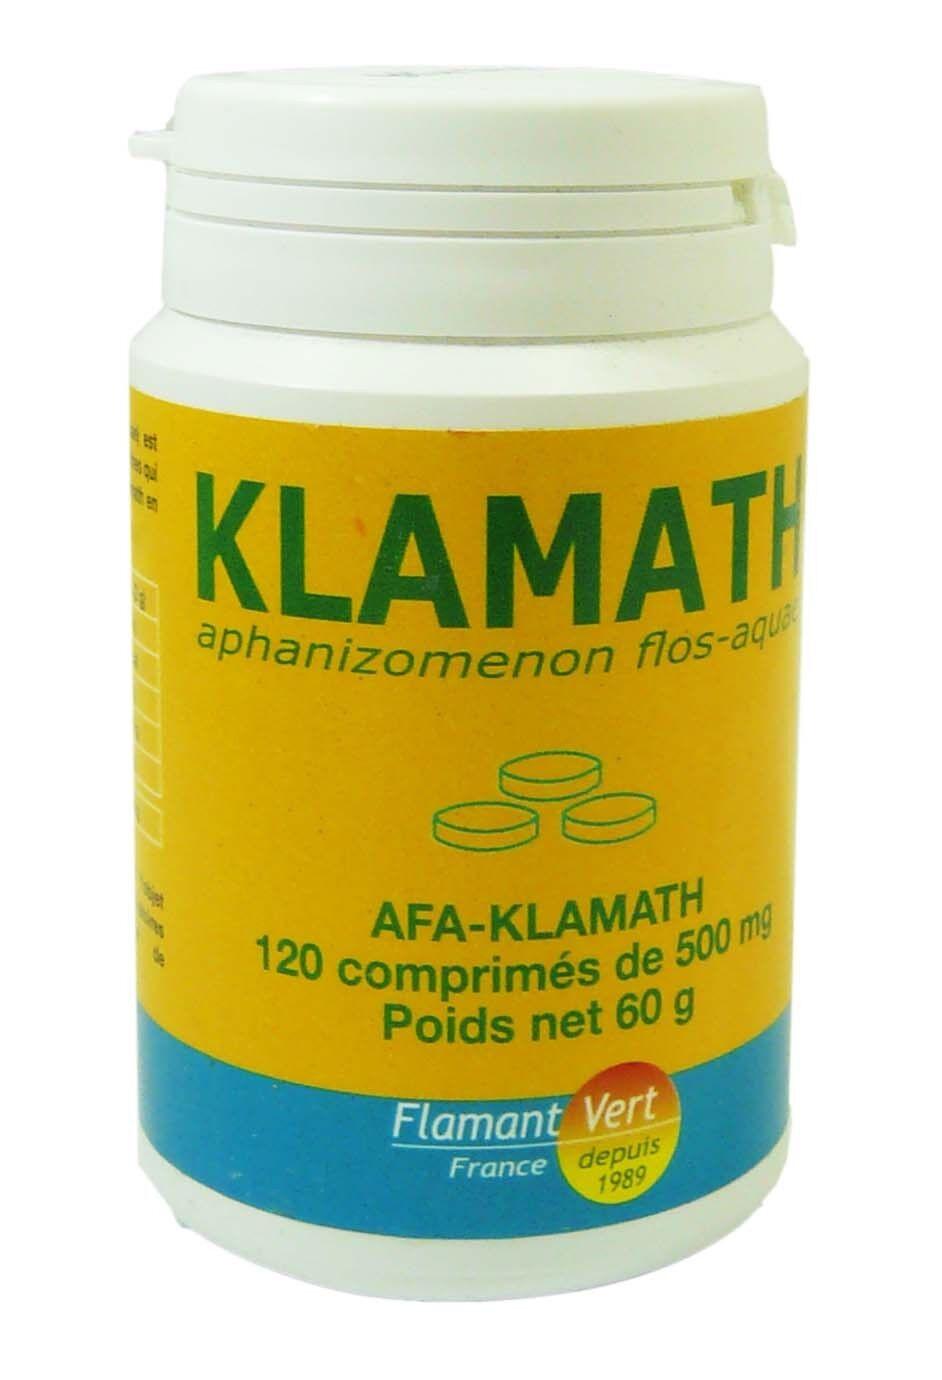 FLAMMANT VERT Klamath flamant vert 120 comprimes